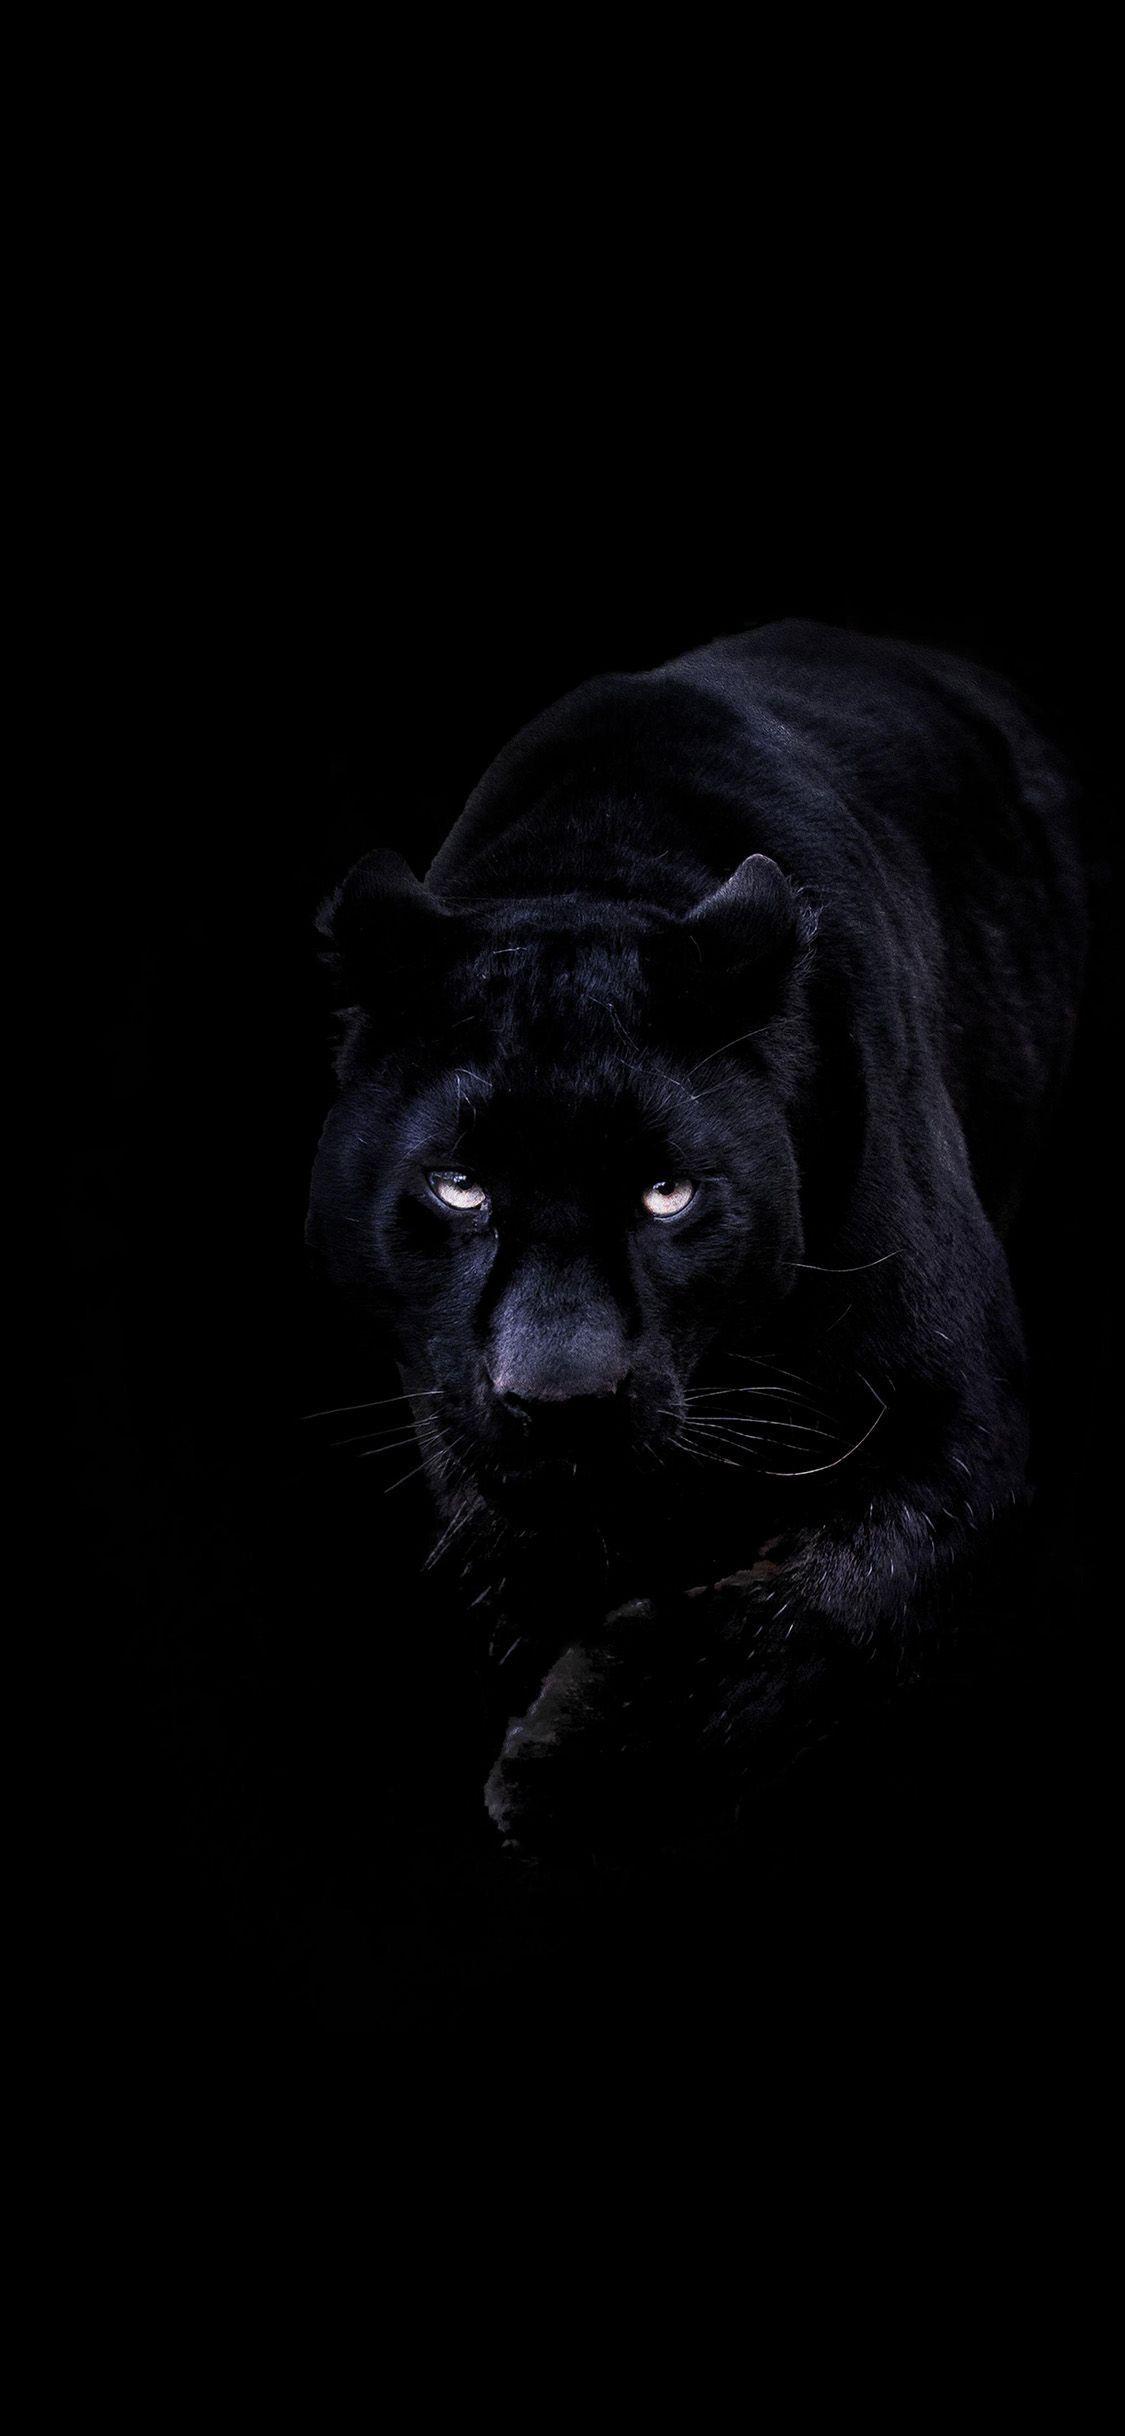 Black Panther Phone Wallpaper In 2020 Animal Wallpaper Cat Wallpaper Wild Animal Wallpaper